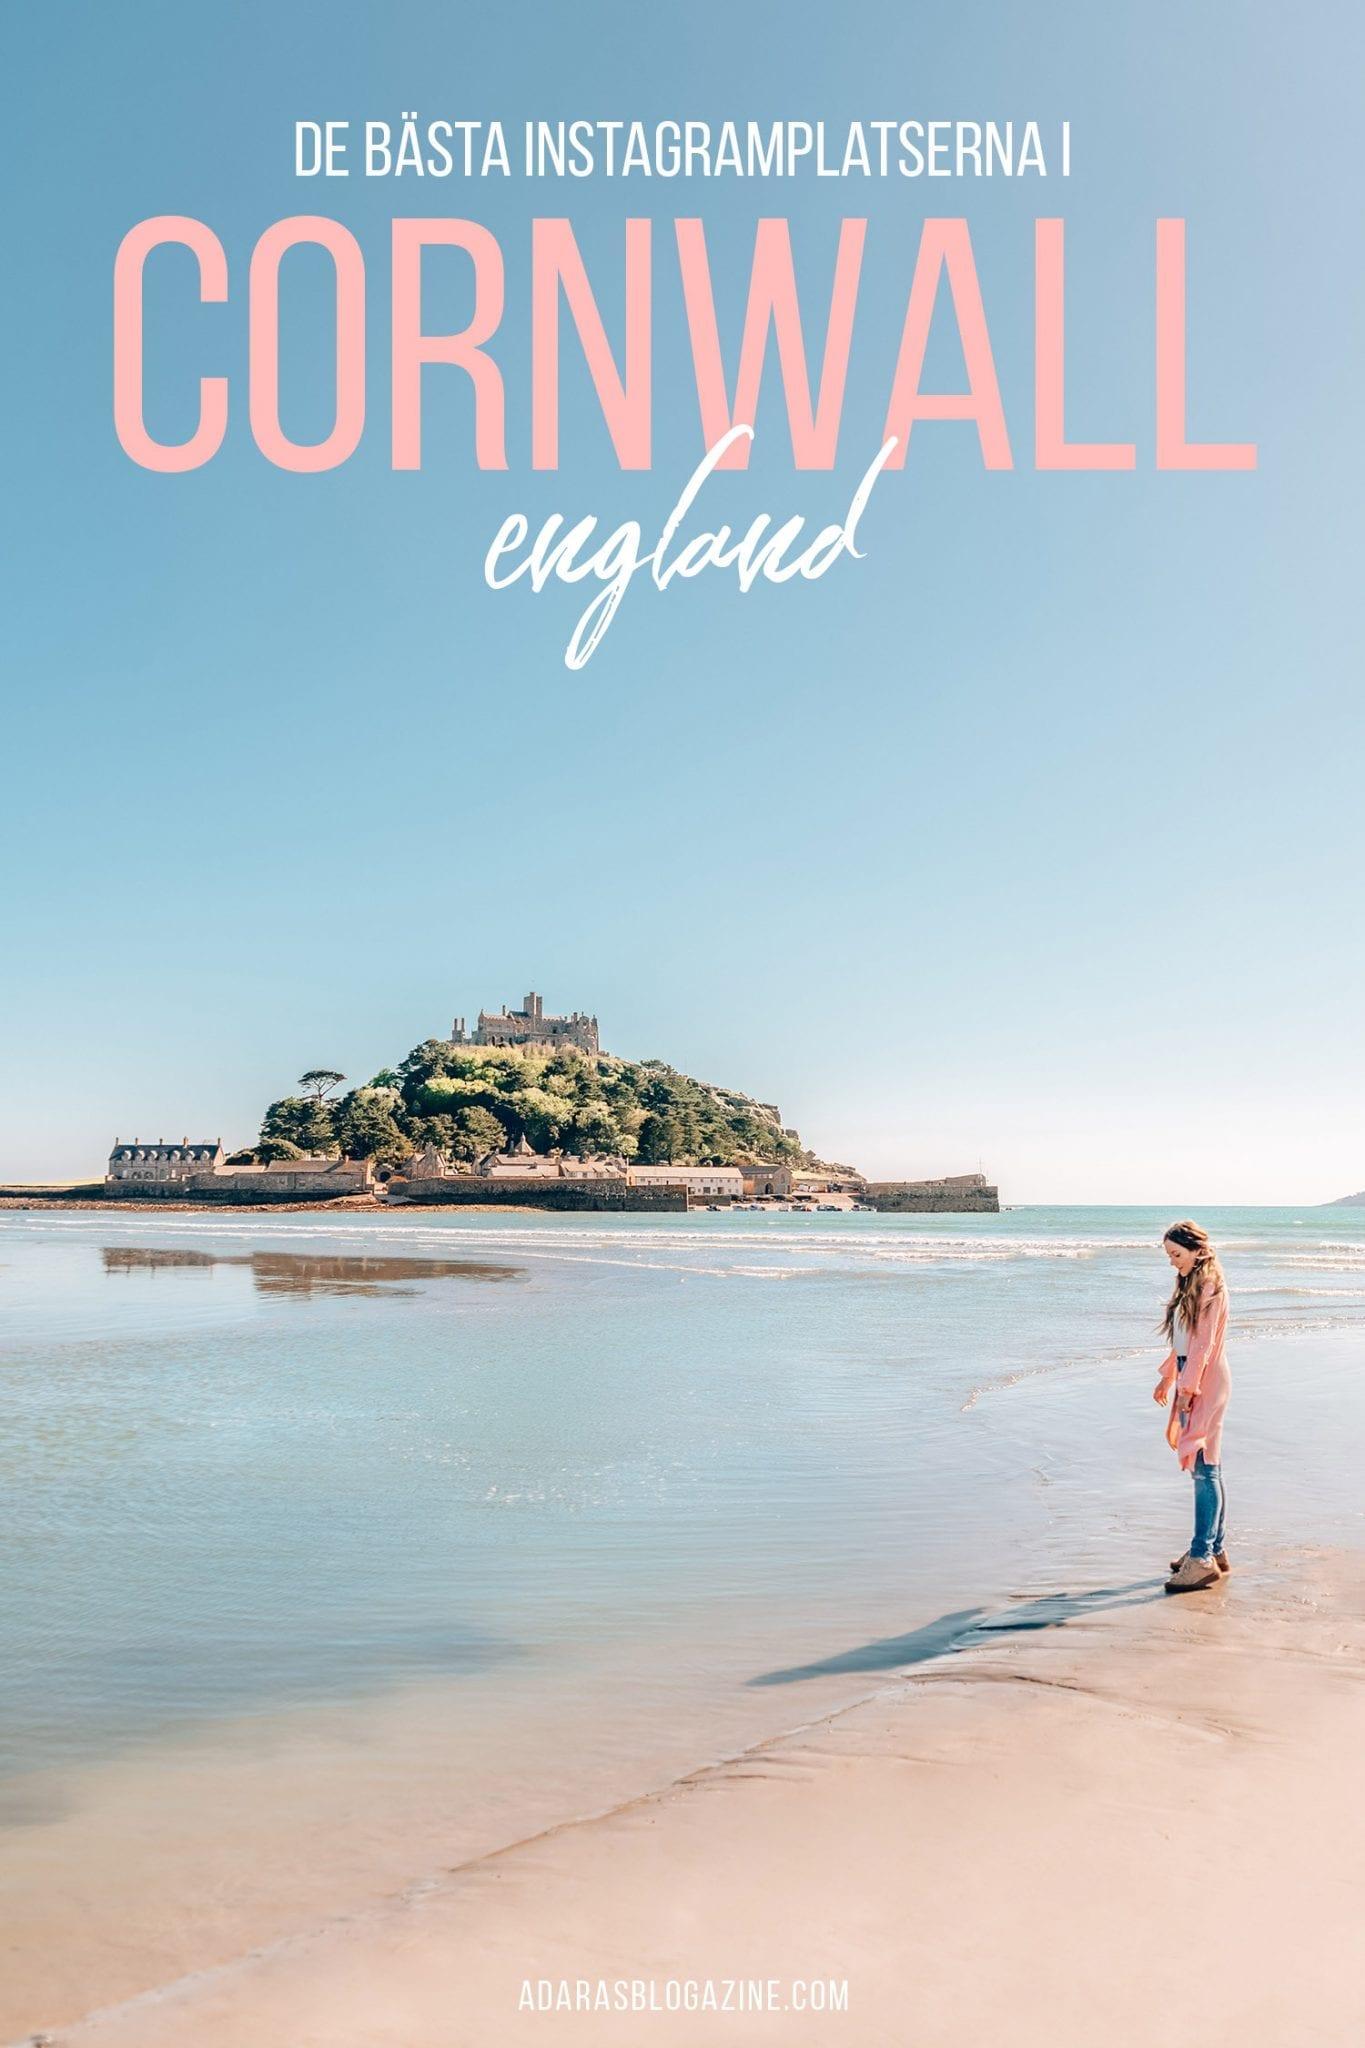 Fantastiska Instagramplatser i Cornwall, England, Storbritannien